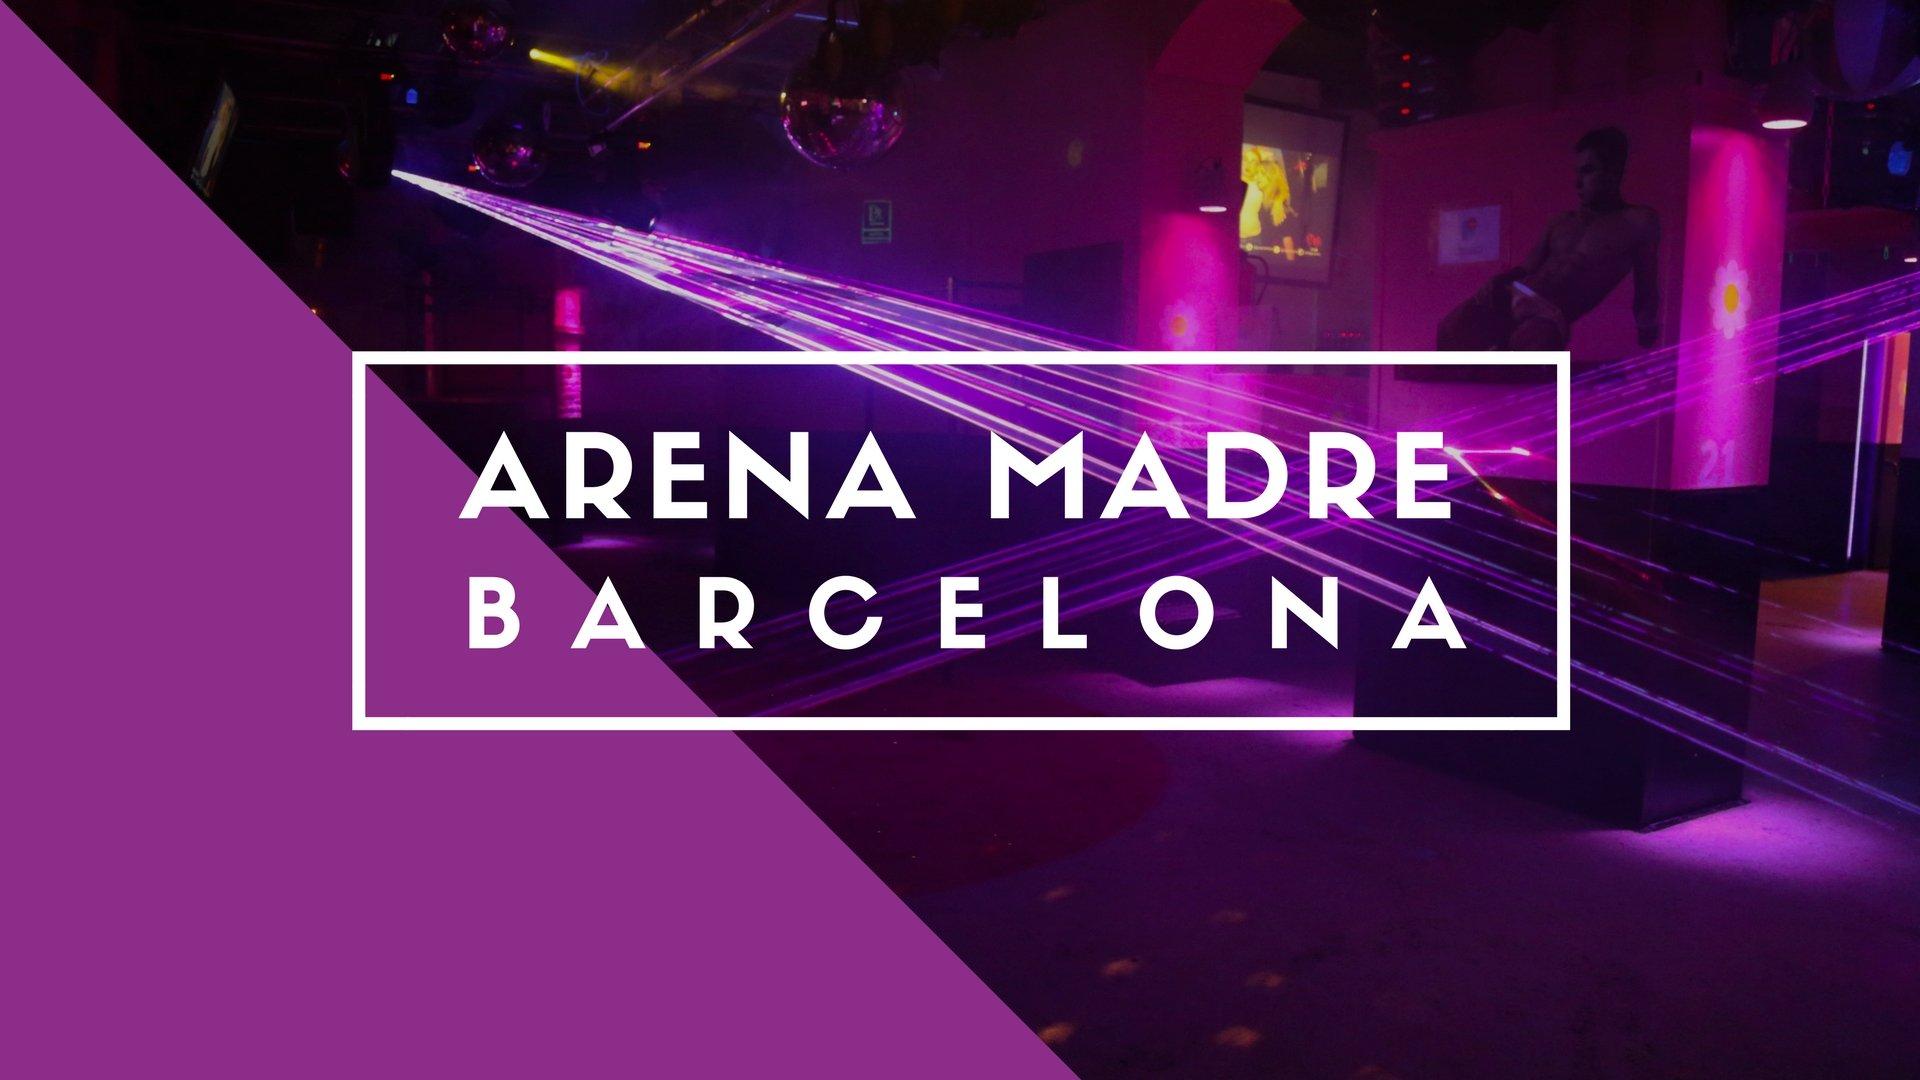 Arena Madre, Barcelona